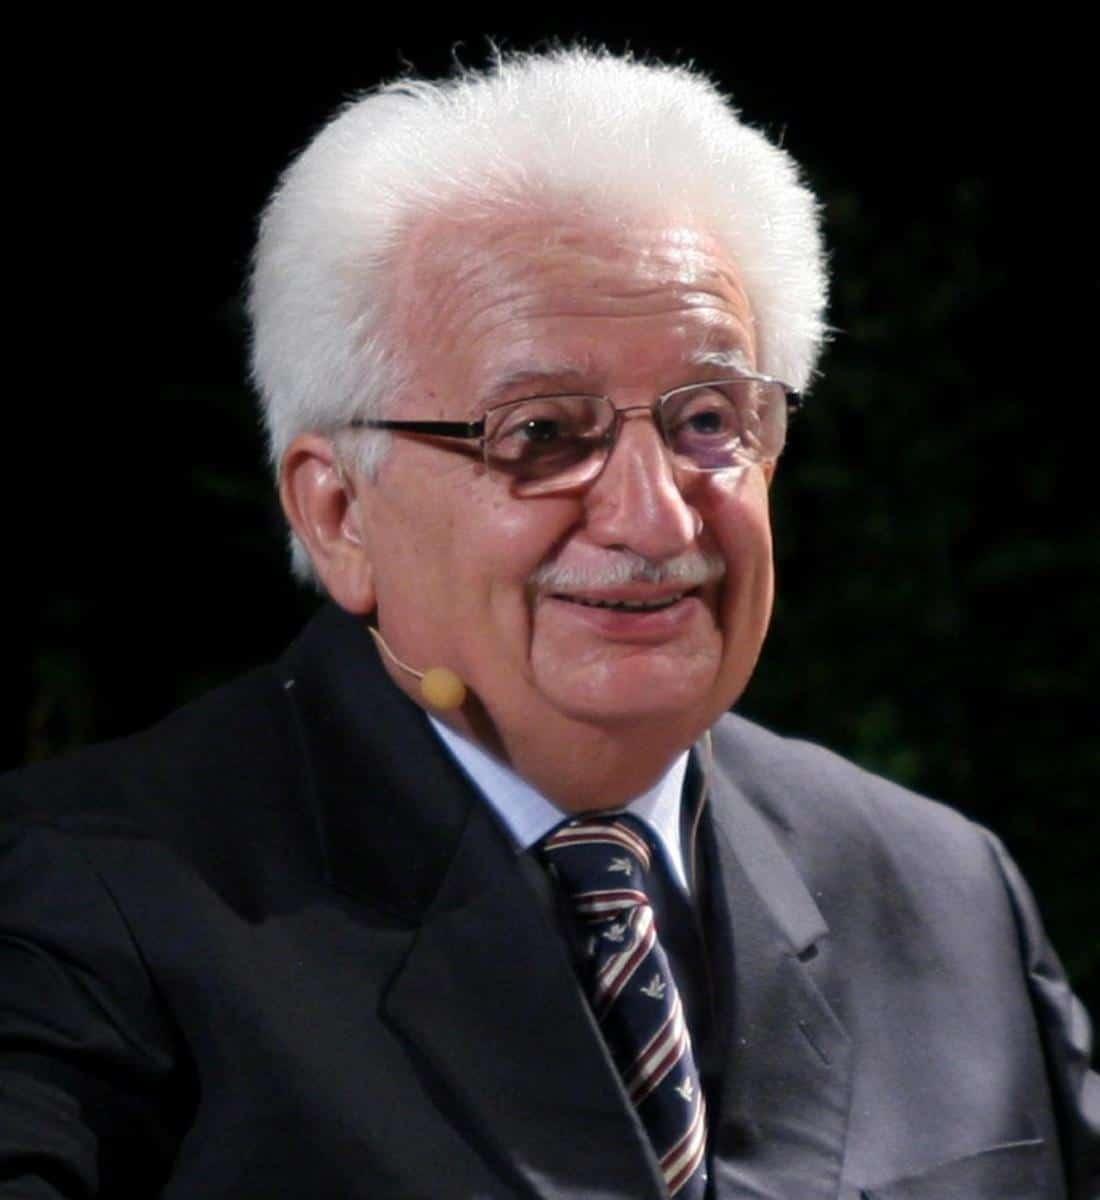 Il popolare conduttore e scrittore sarà protagonista nella rassegna letteraria patrocinata dal Comune di Sanremo. Appuntamento alle ore 21.00.